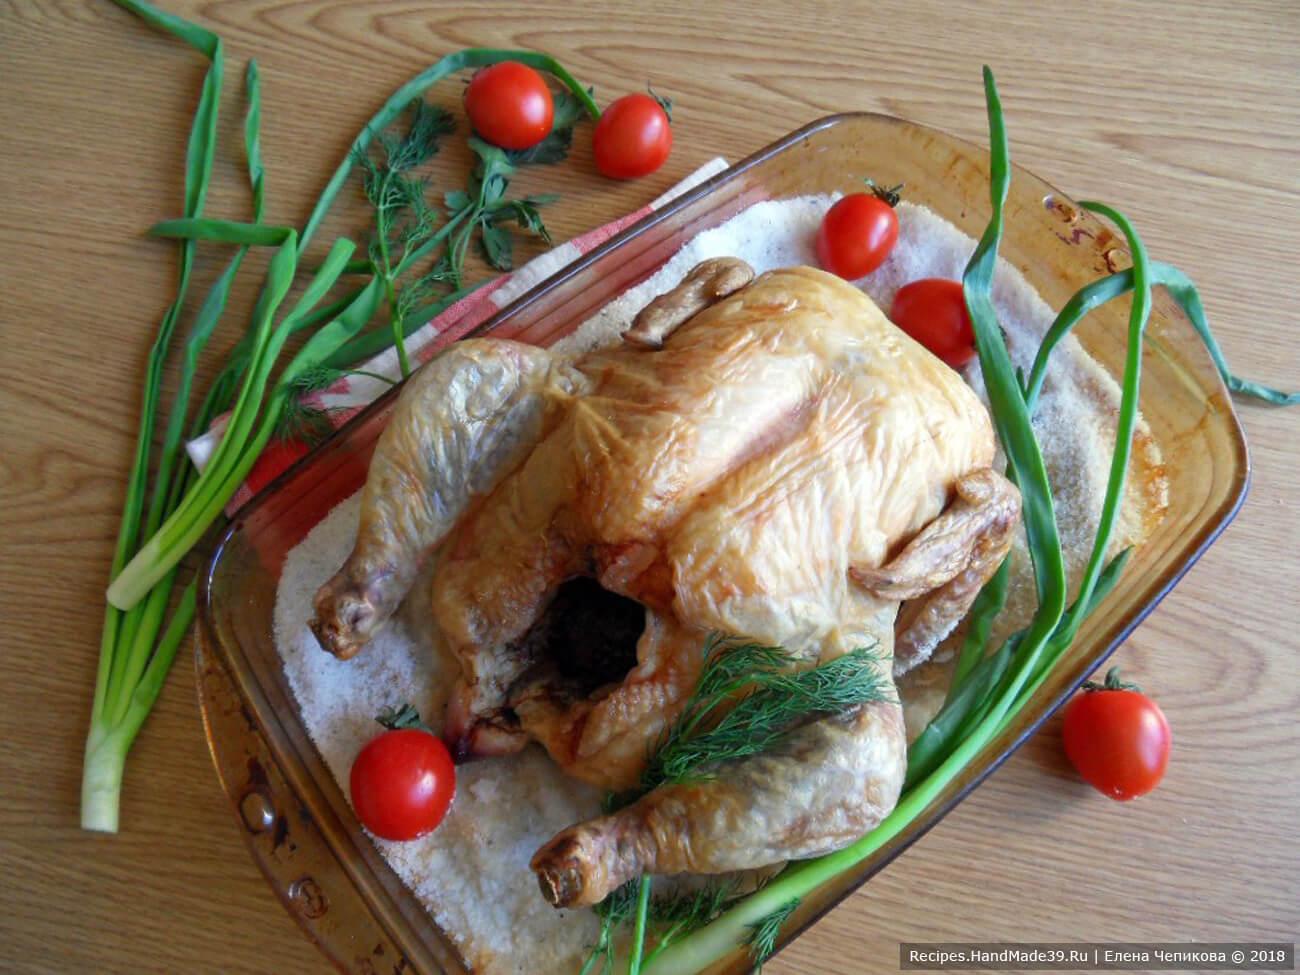 Курица с солью в духовке рецепт пошаговый